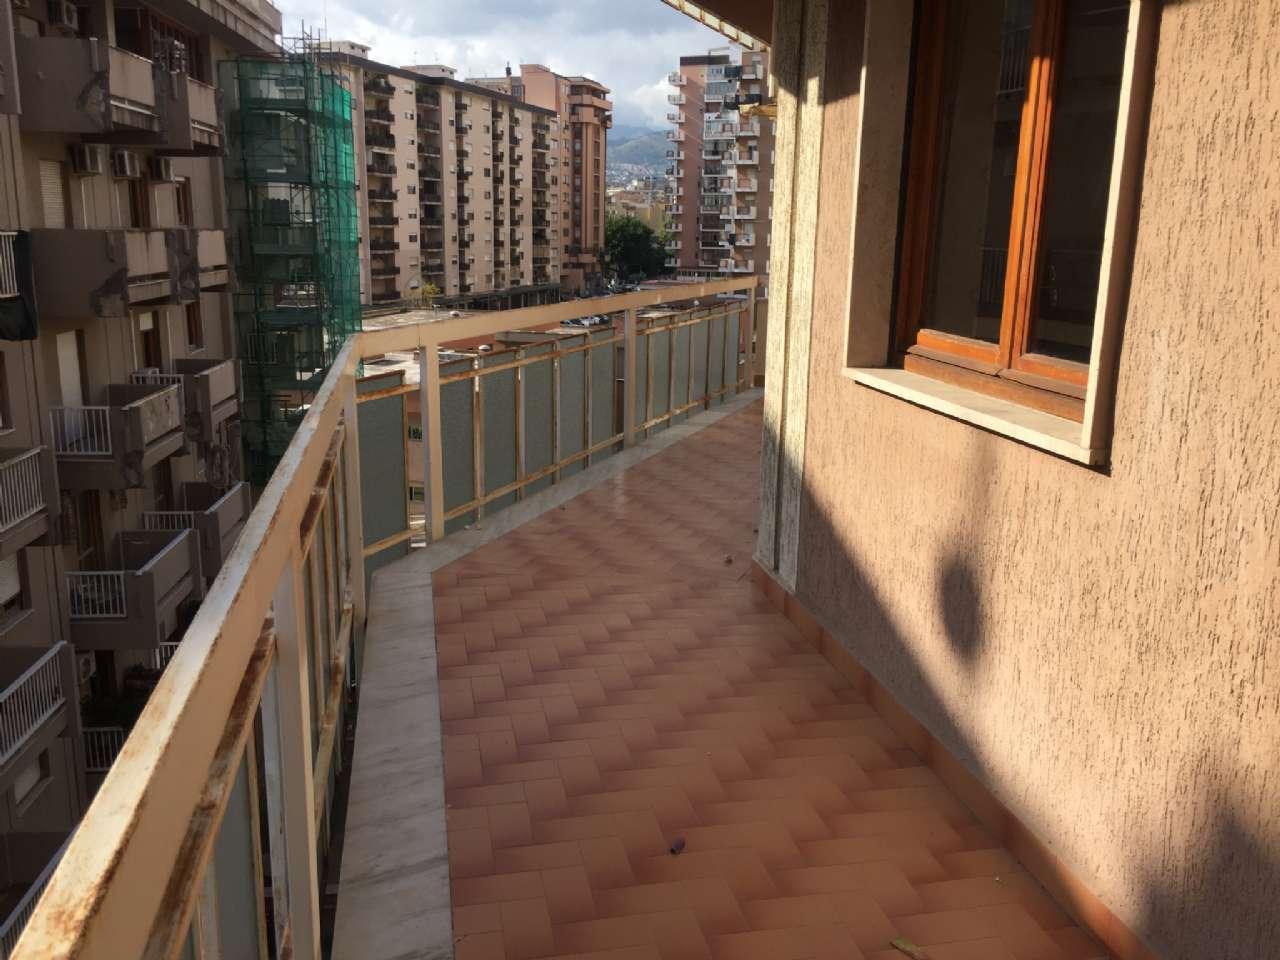 Quadrilocale, Via Ercole Bernabei, zona Malaspina, Palermo, foto 11